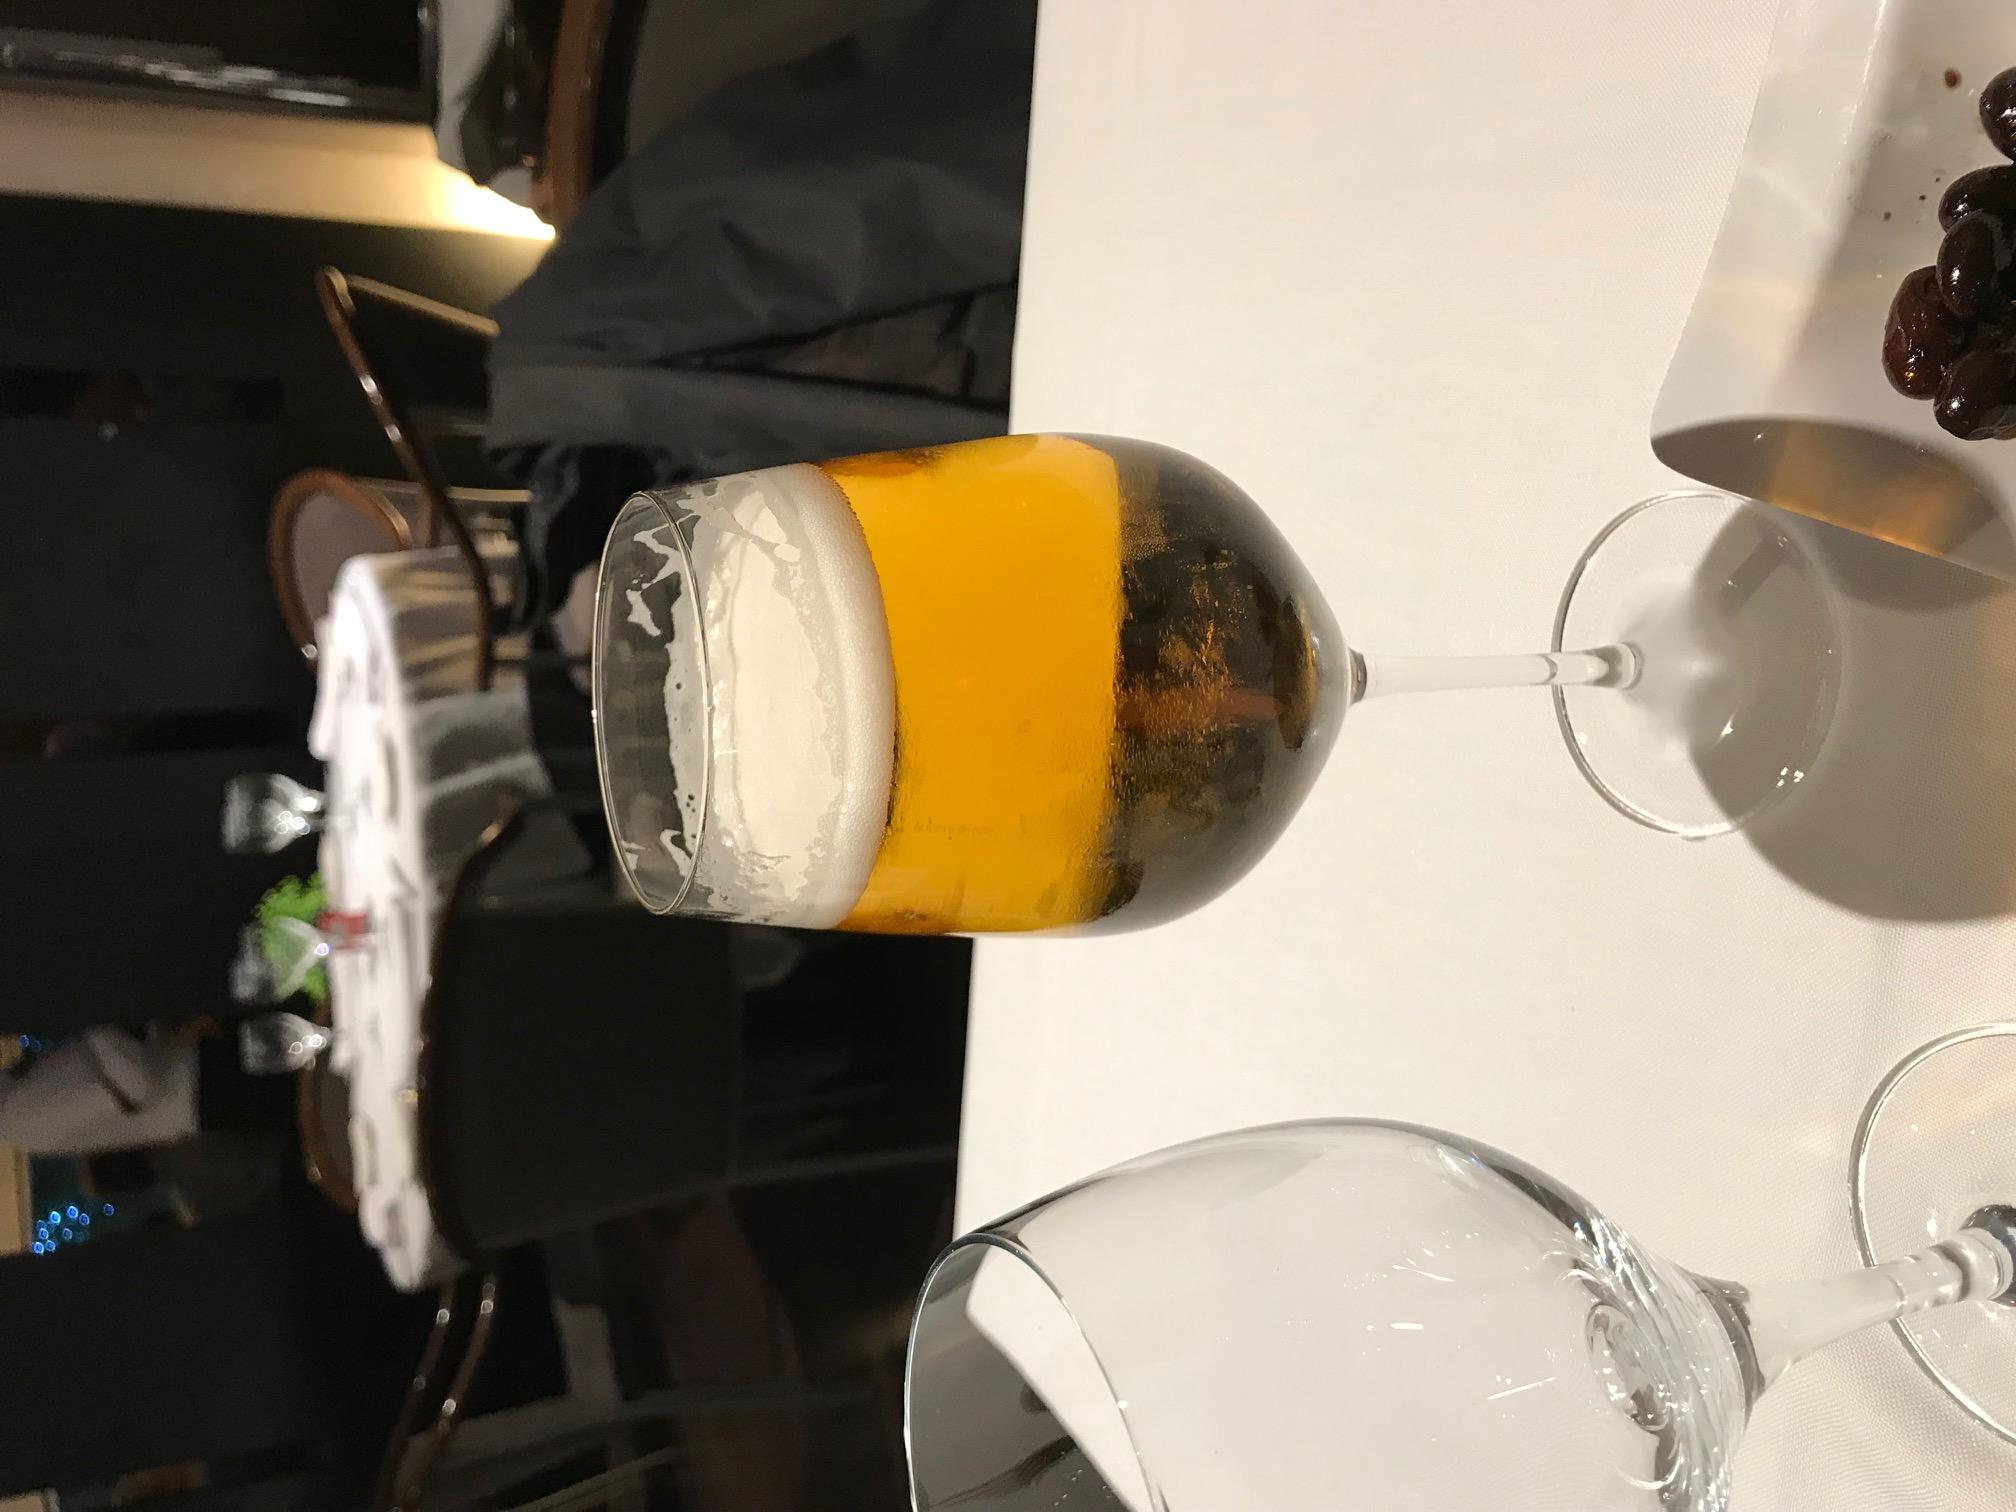 Restaurante en Andorra la Vella Y acompañar la cerveza.